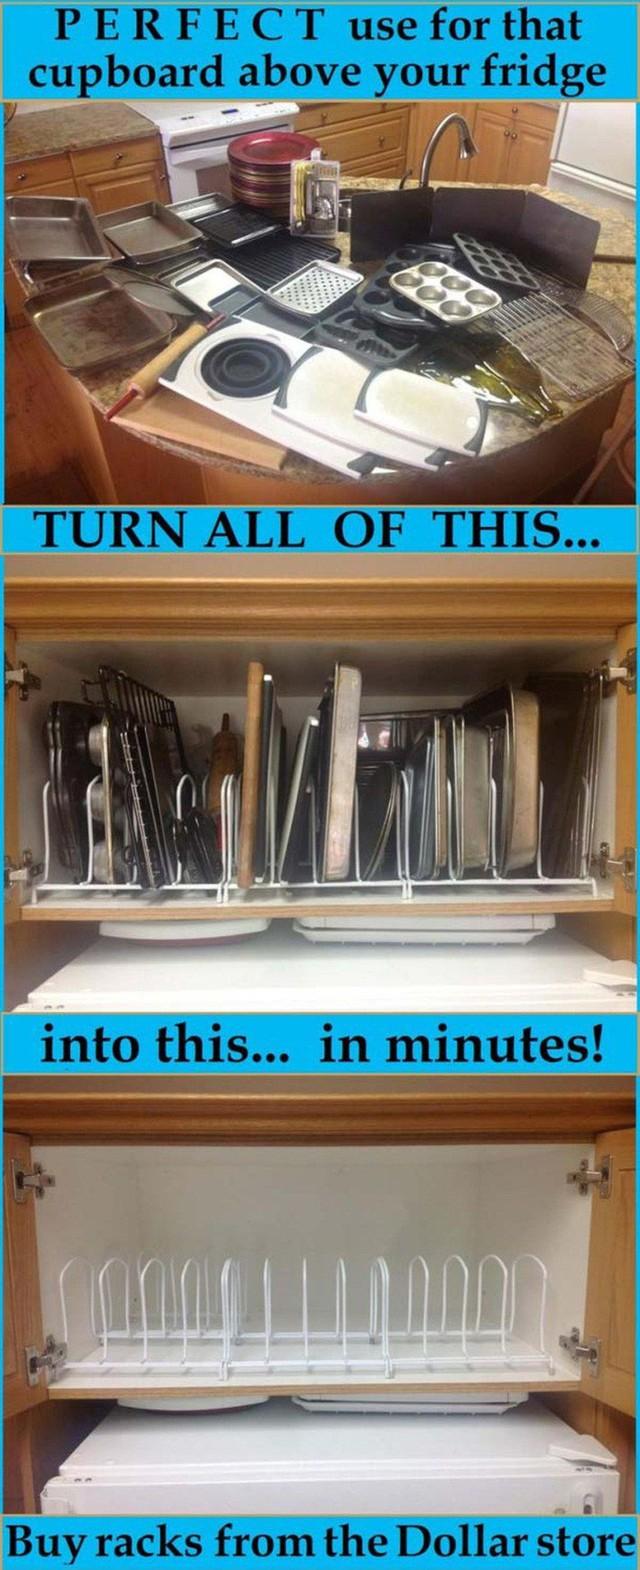 14 cách thông minh để dễ dàng sắp xếp tủ bếp gọn gàng, đẹp mắt - Ảnh 5.